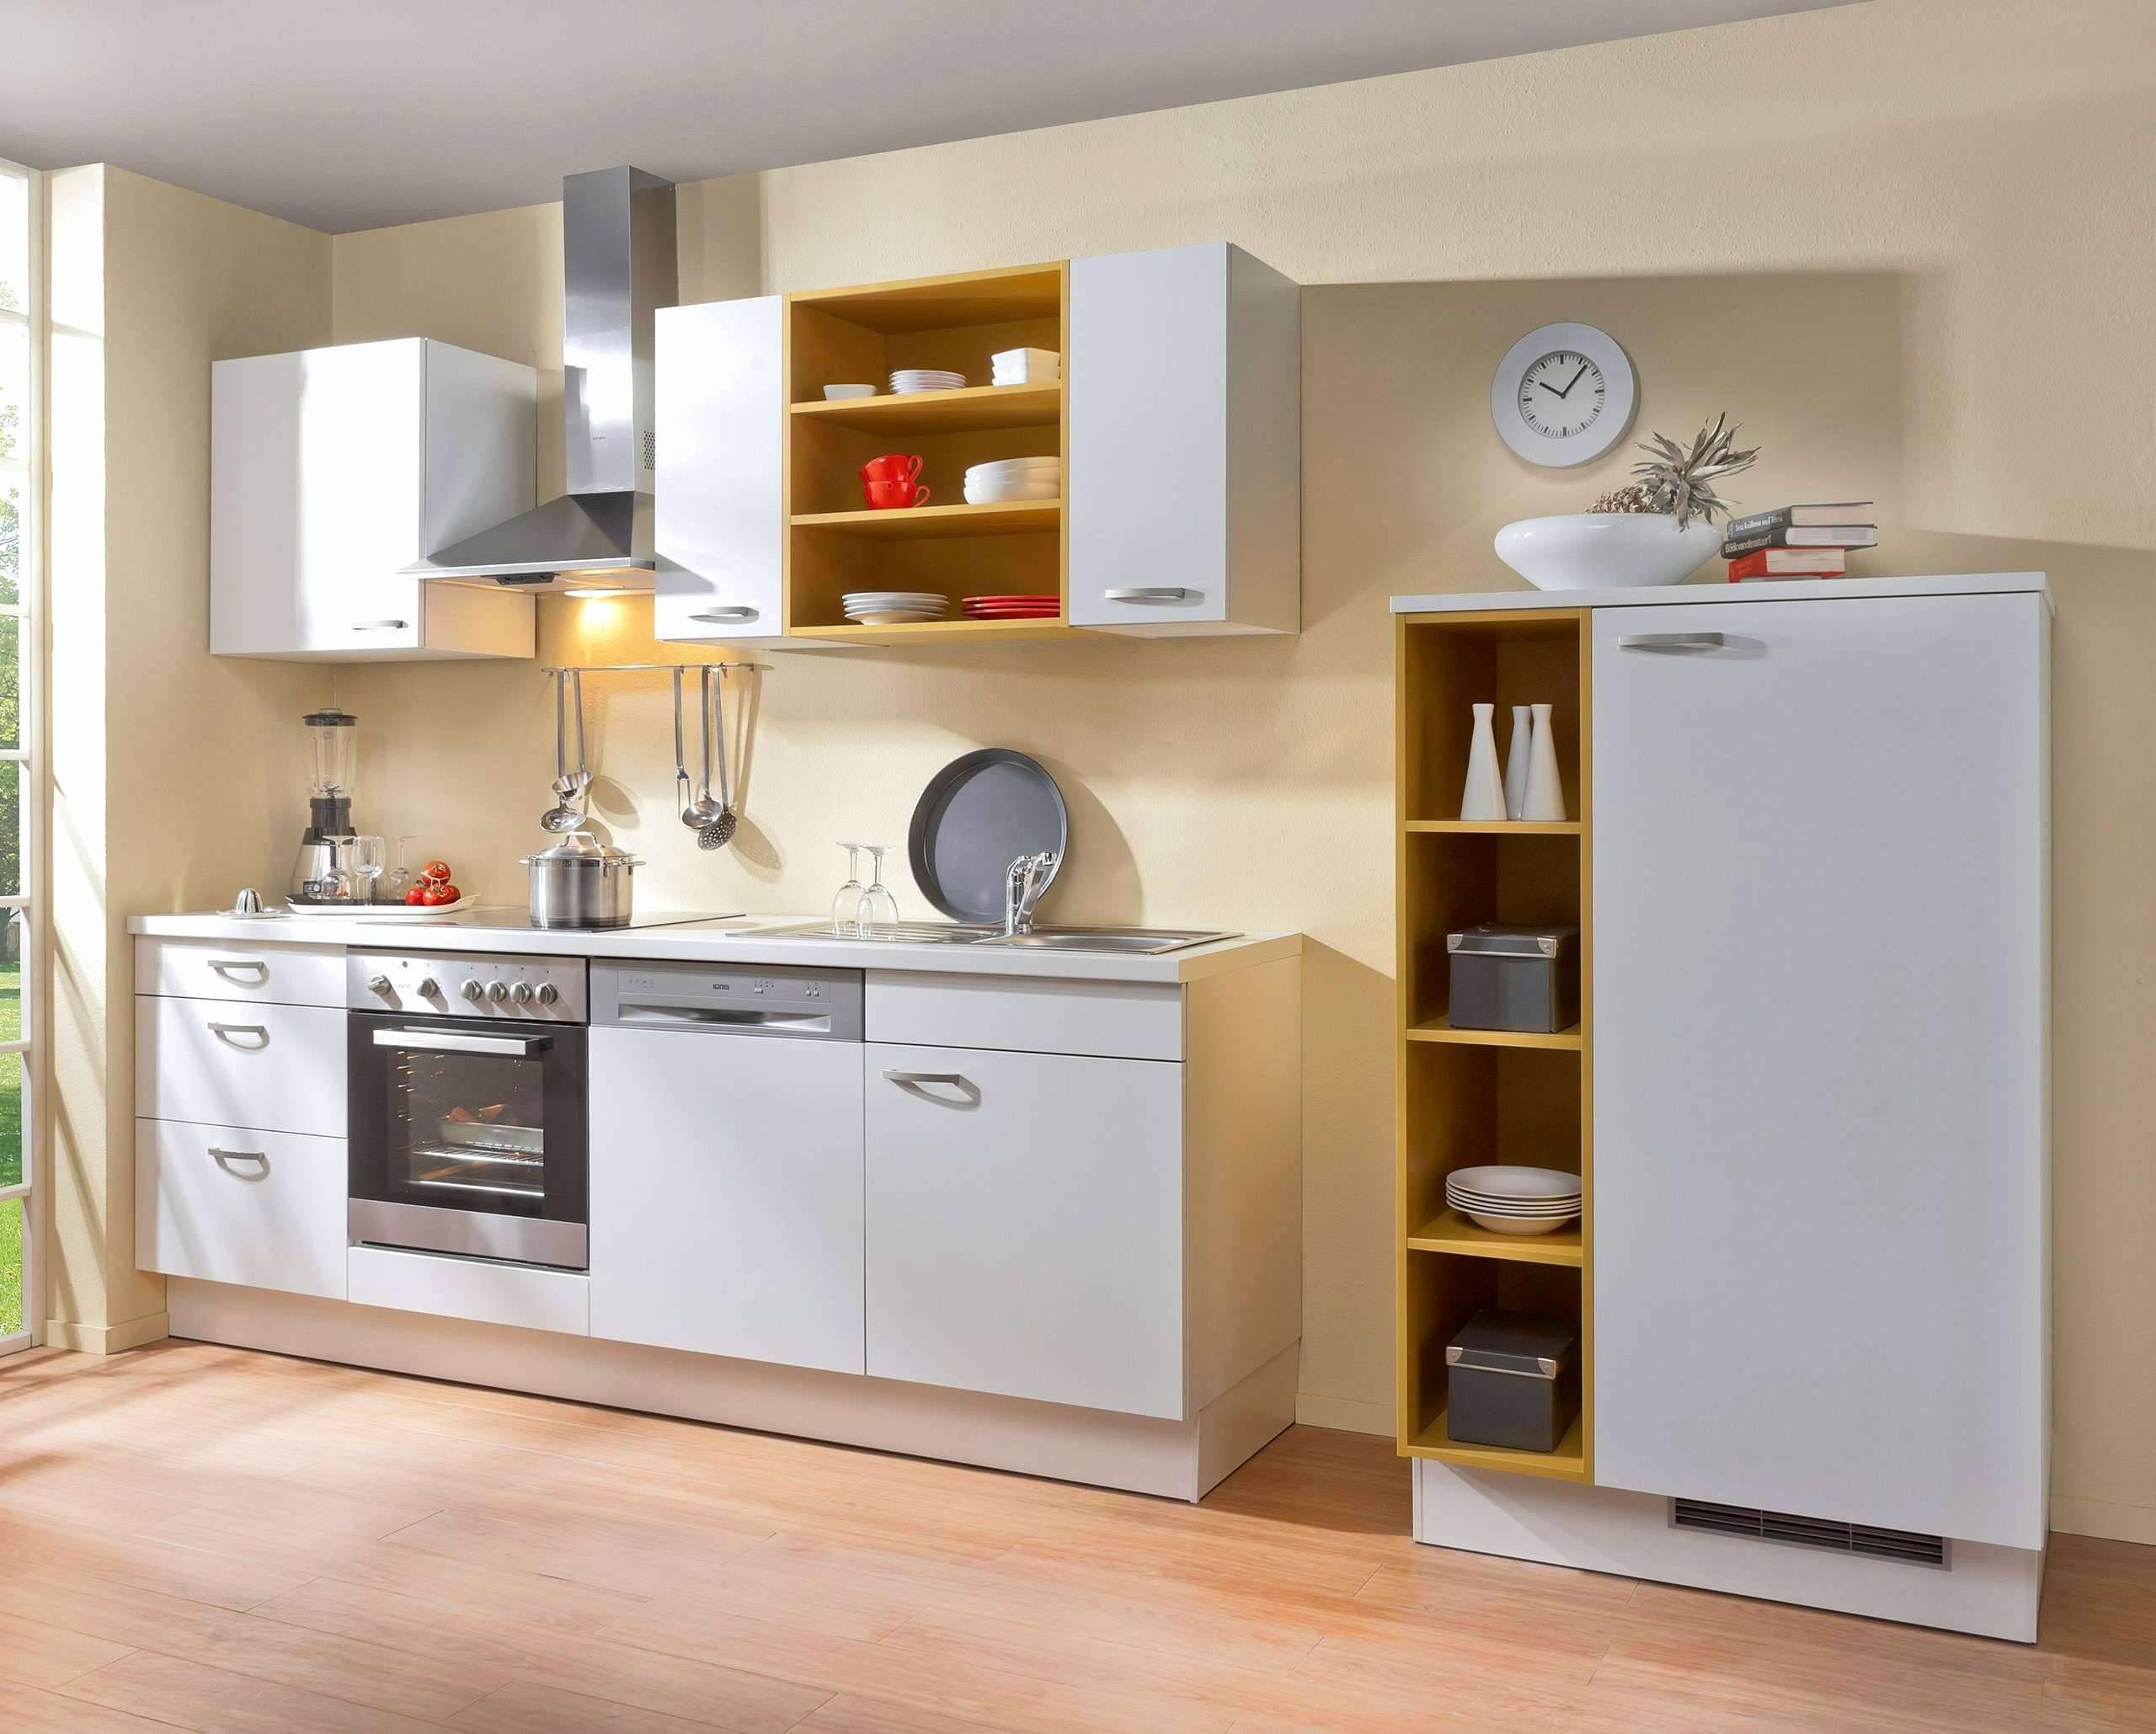 deko ideen fur kleines wohnzimmer lieblich 42 luxus ideen fur kleine garten galerie of deko ideen fur kleines wohnzimmer